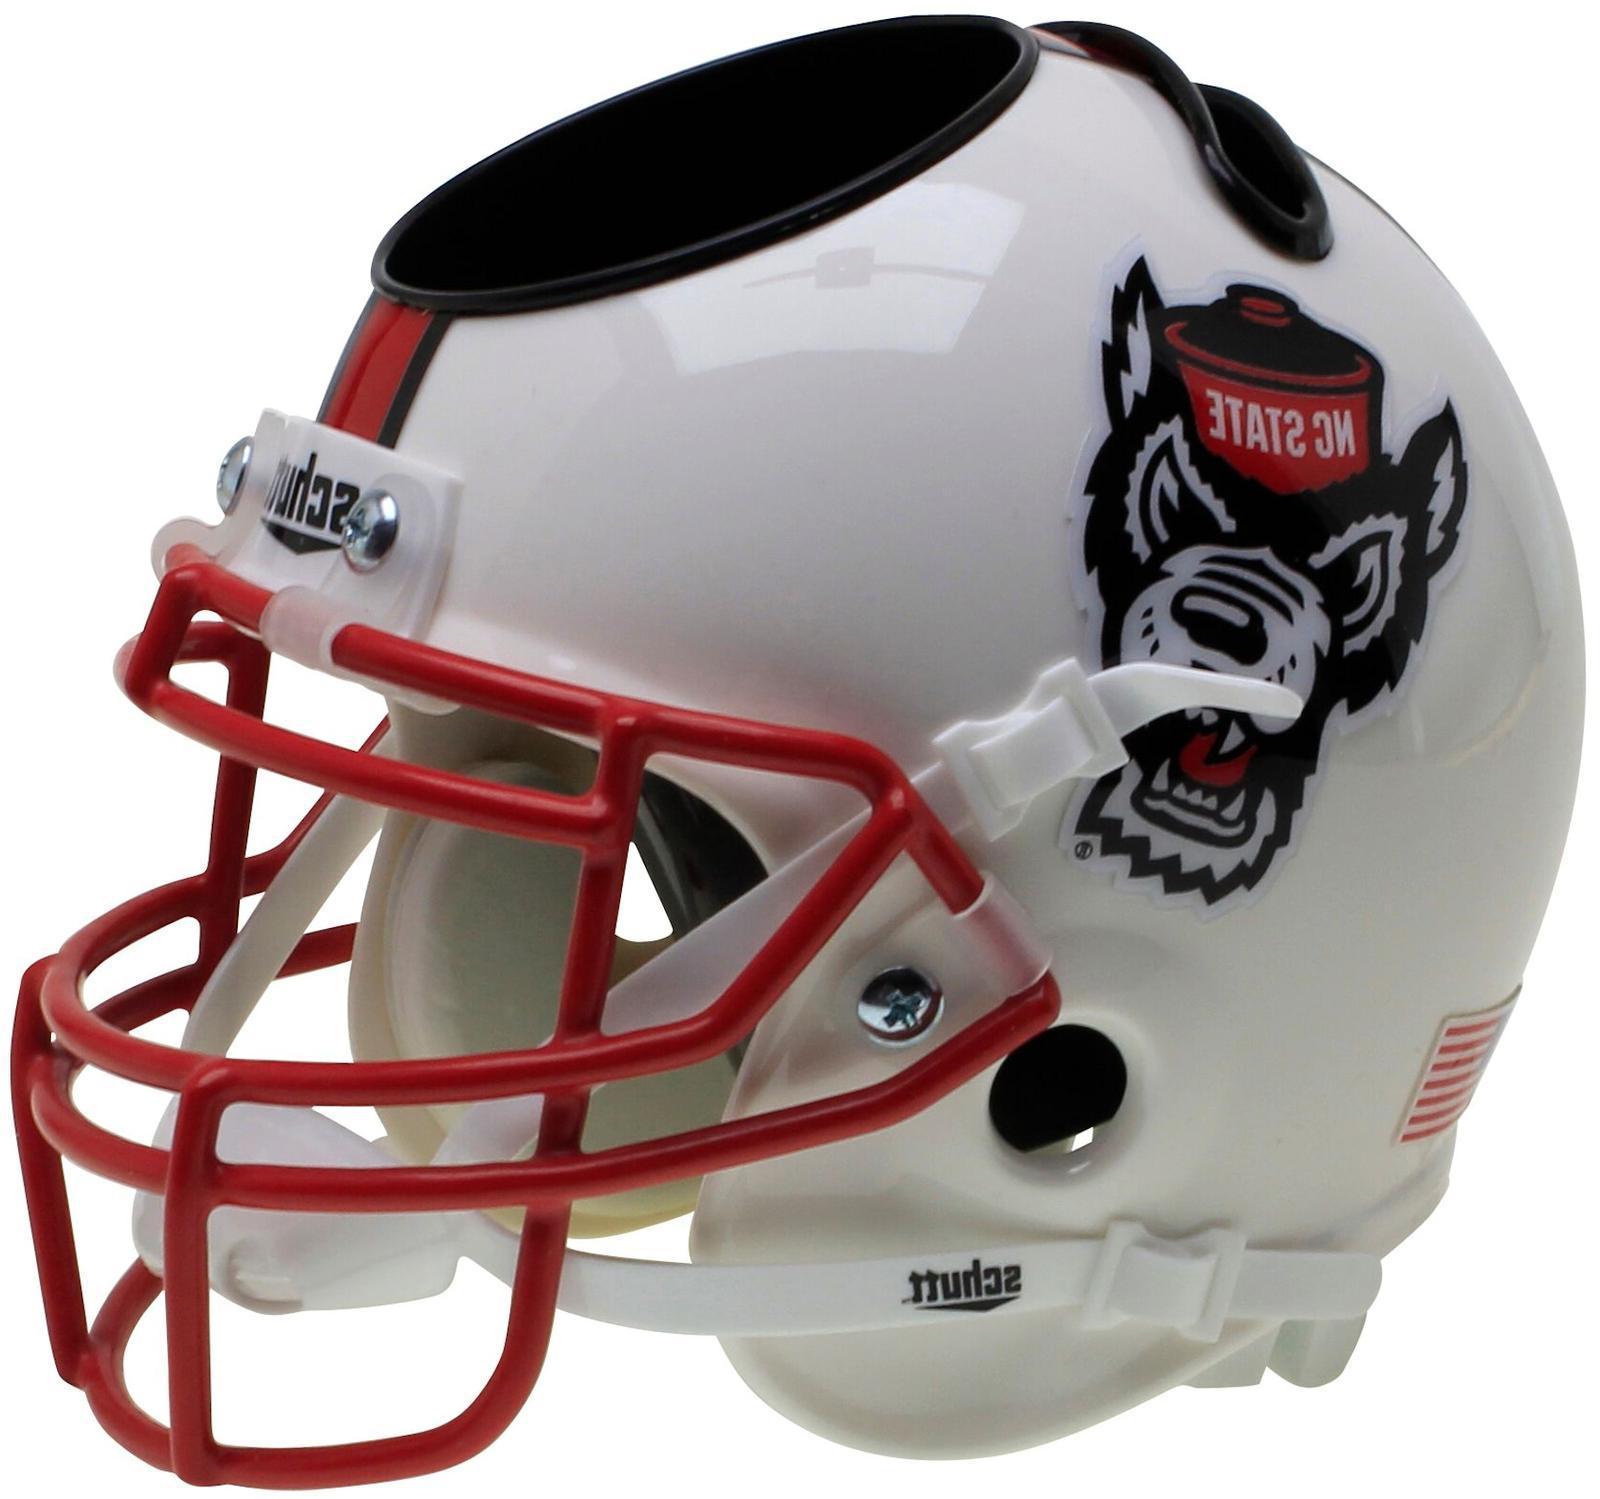 NC STATE WOLFPACK NCAA Schutt Mini Football Helmet DESK CADD